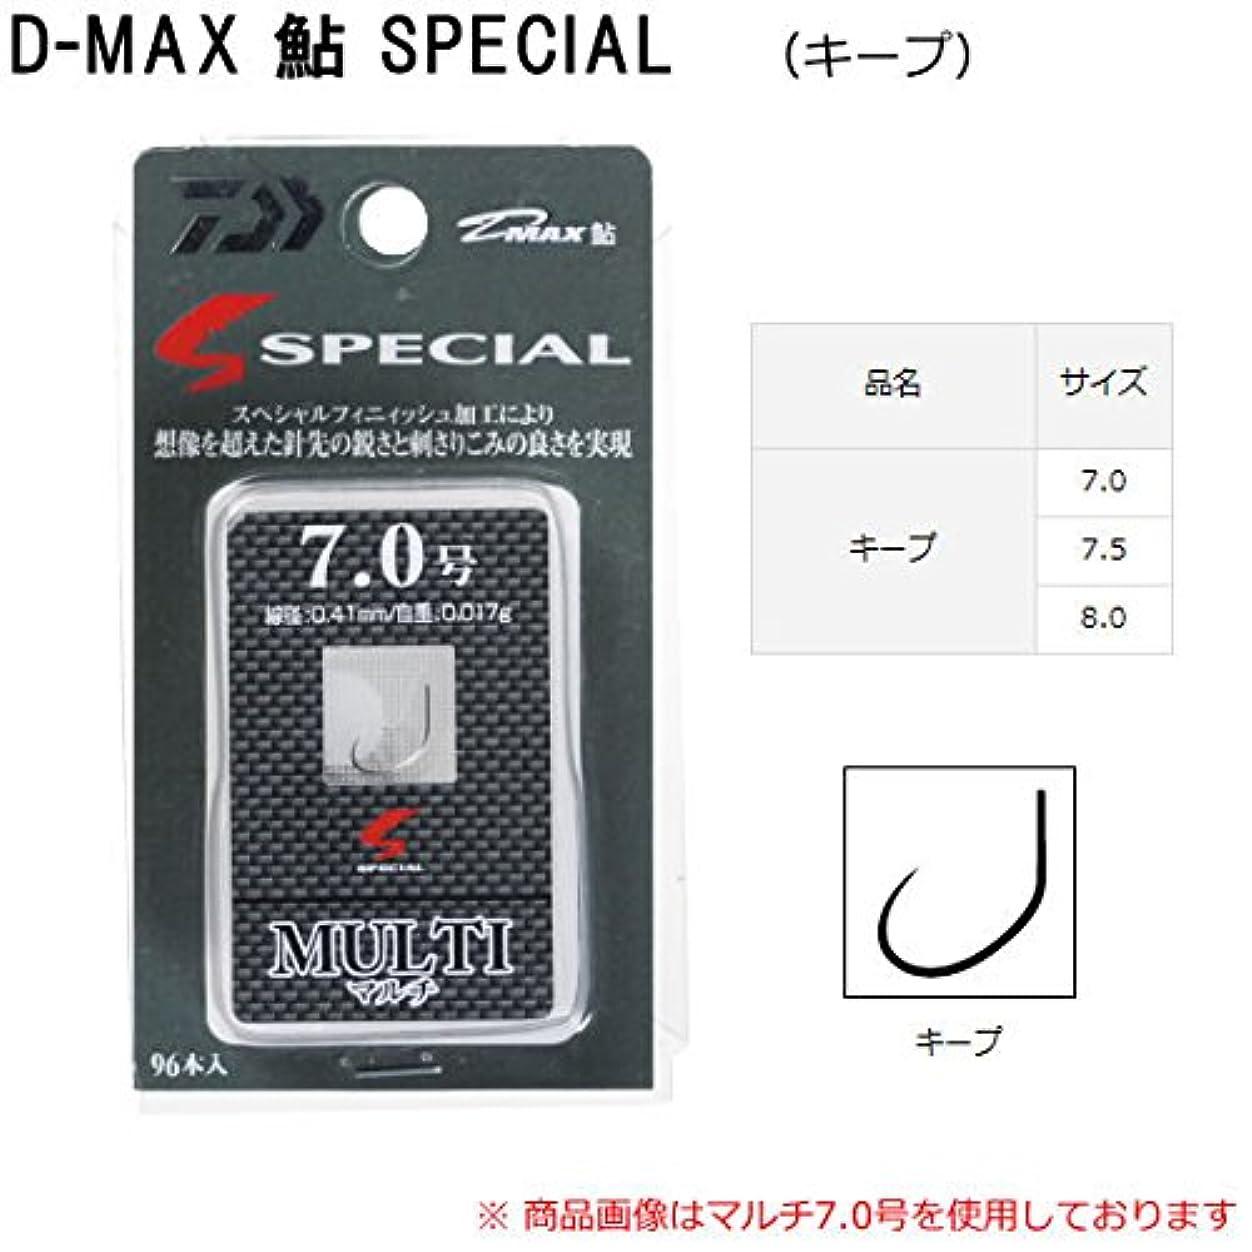 従事する制限する敬意を表してダイワ(Daiwa) 鮎用 釣り針 フック 7.0号 D-MAX 鮎スペシャル キープ